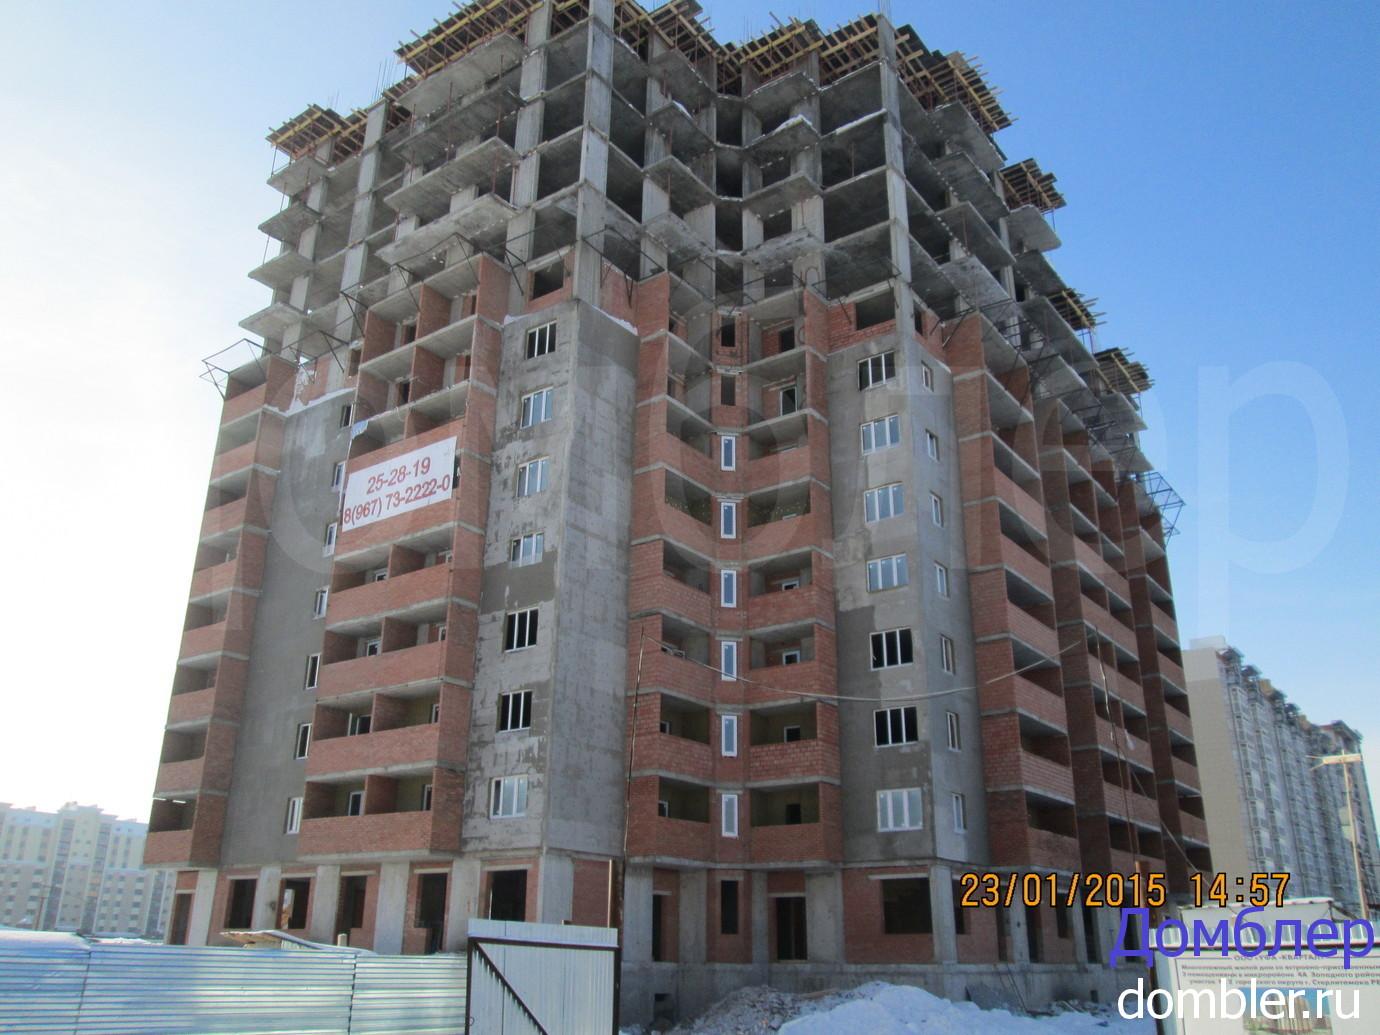 Прокуратура города бишкек отвечает на вопрос о законности строительства в 4 микрорайоне возле специализированного